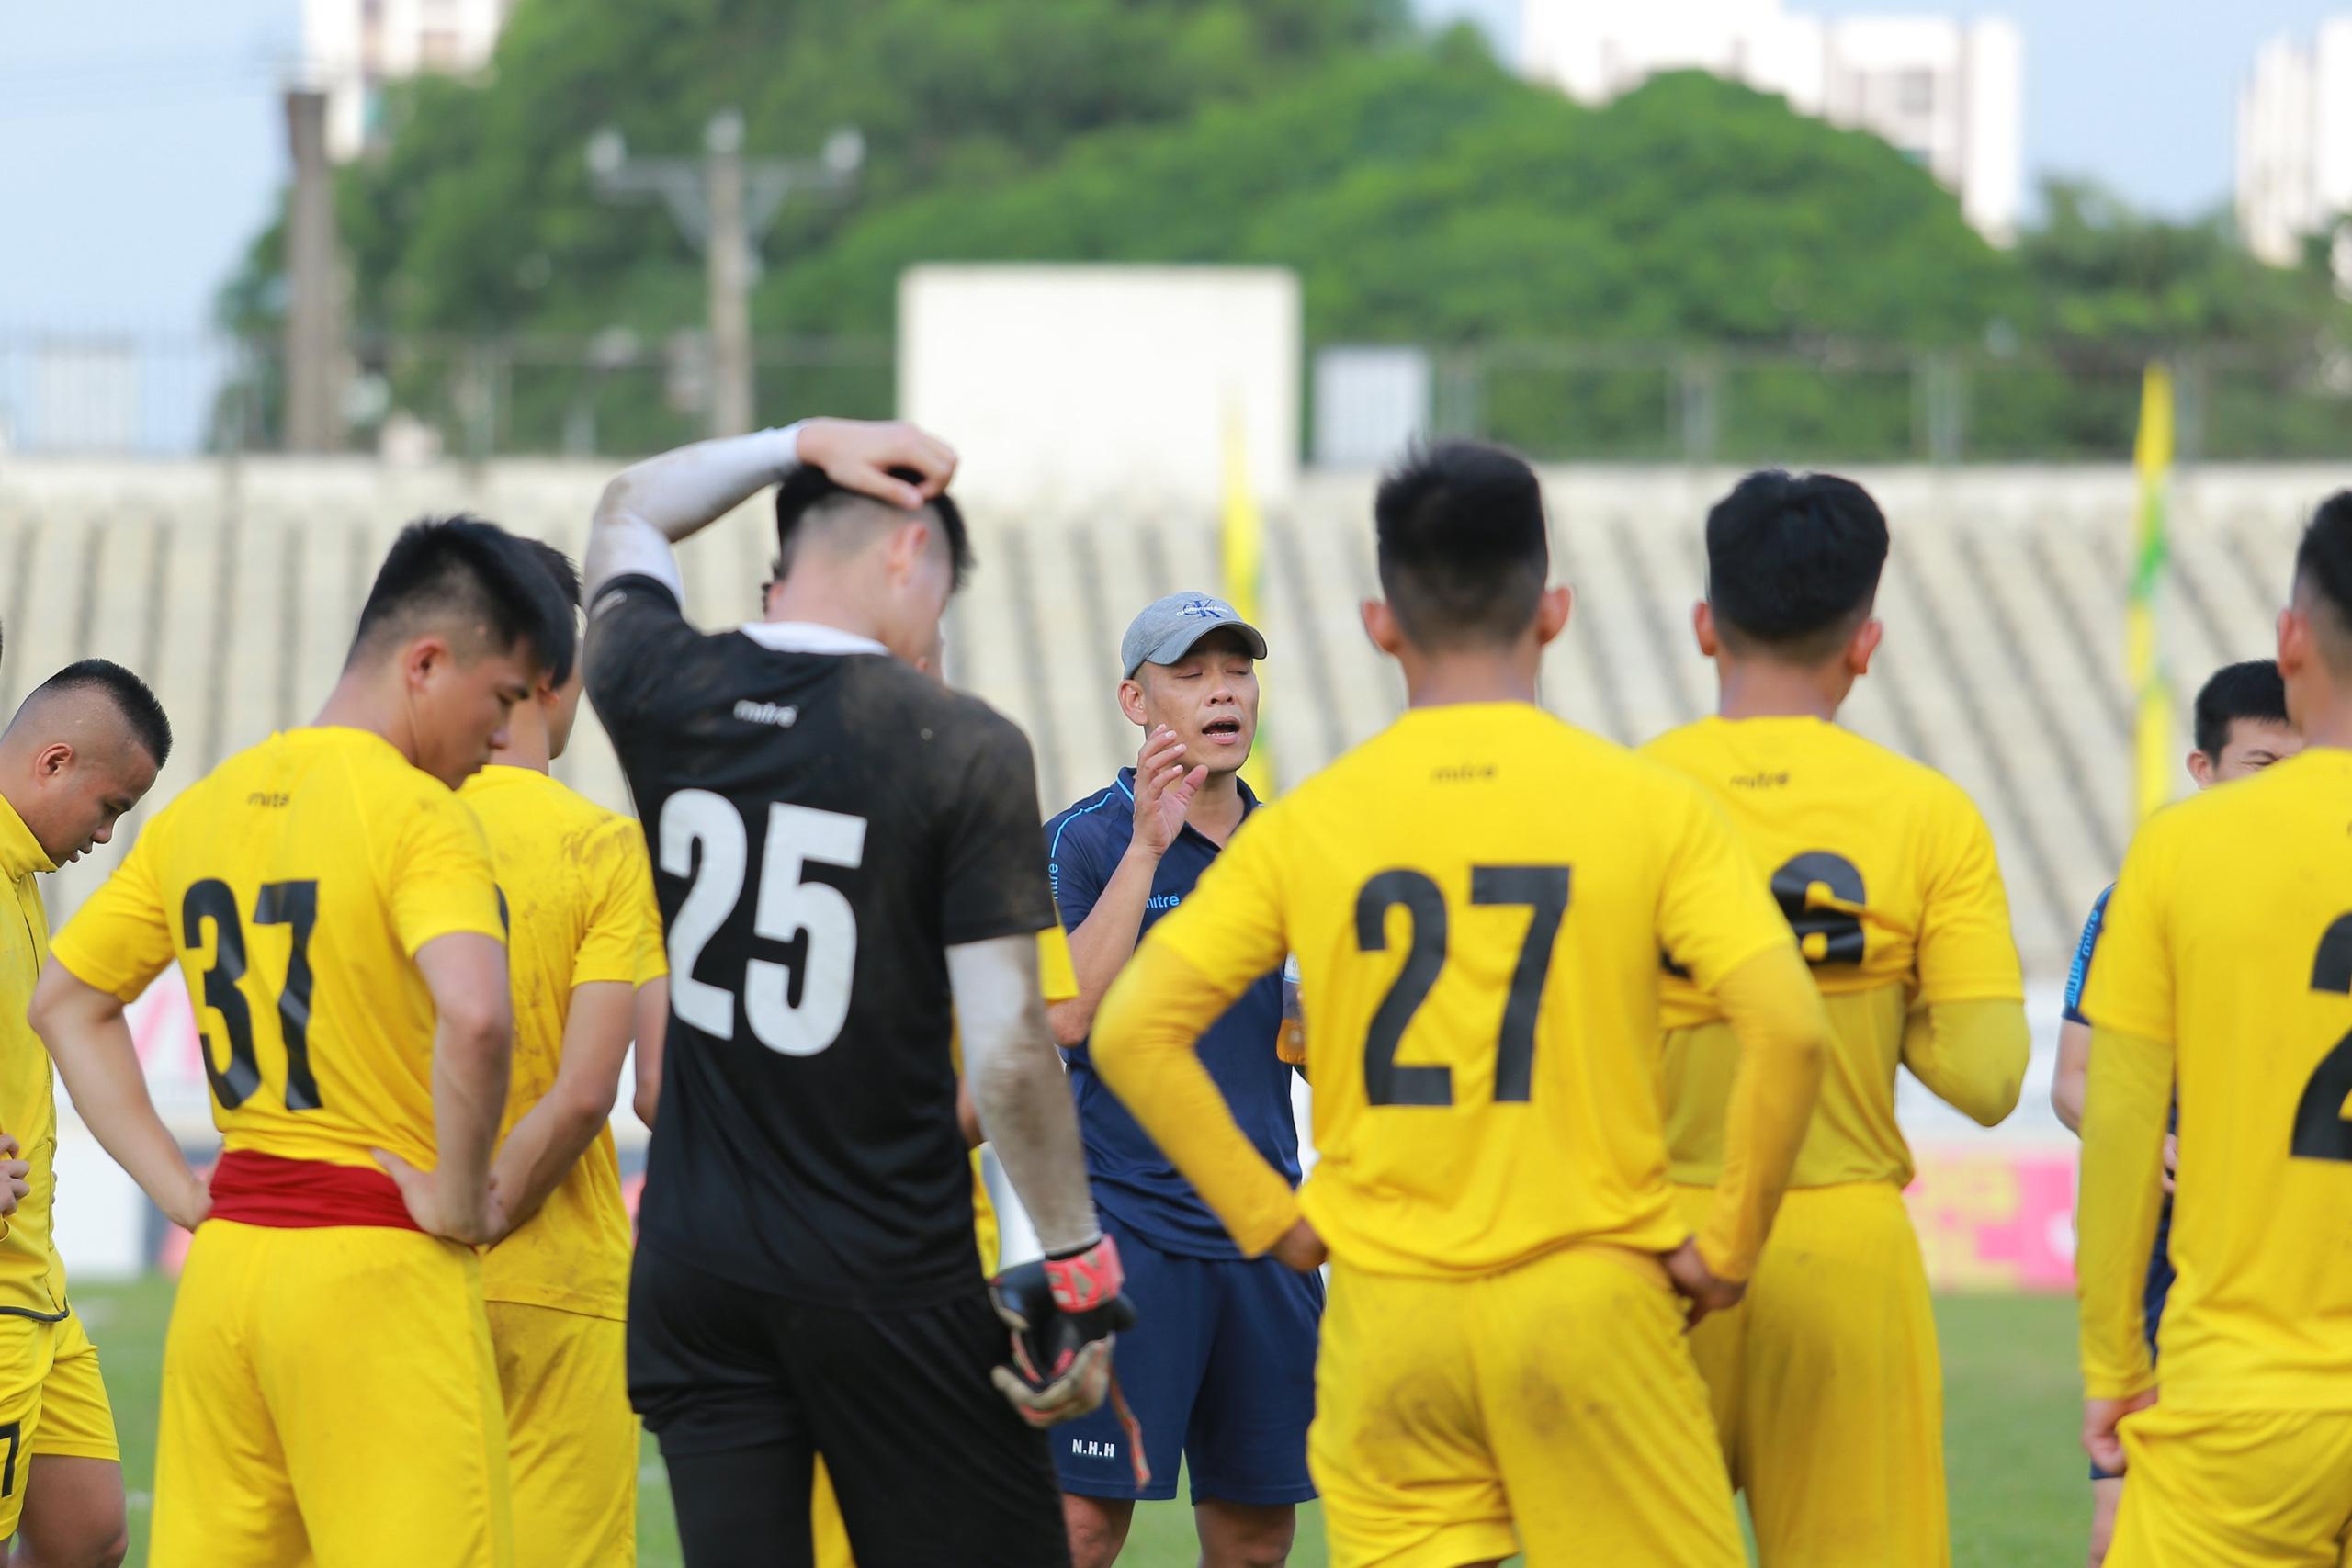 Nóng: Toàn bộ đội 1 của CLB bóng đá Sông Lam Nghệ An bị cách ly vì Covid-19 - Ảnh 7.